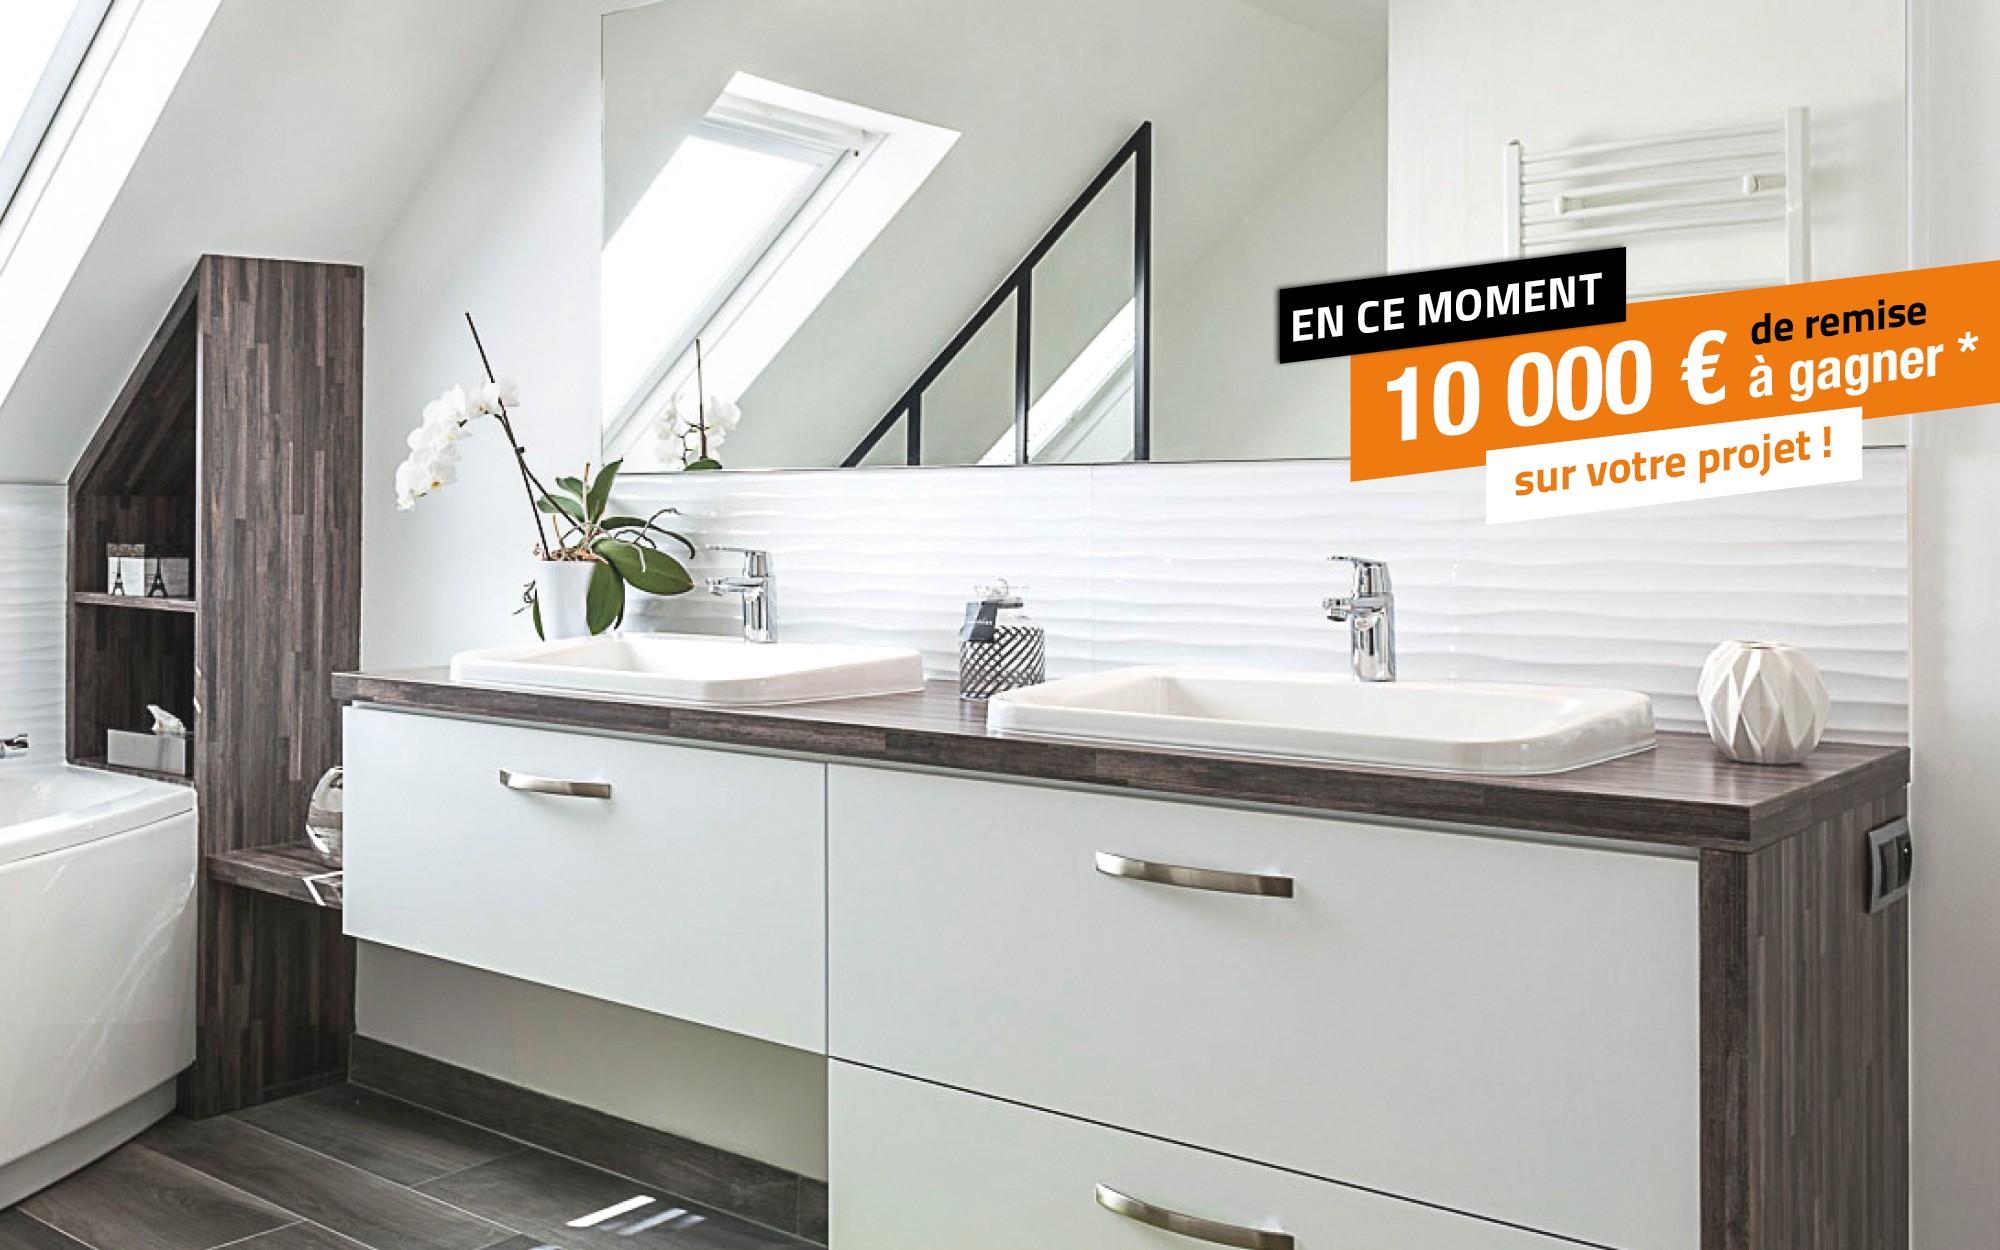 Salle de bains gravouille for Cuisine gravouille